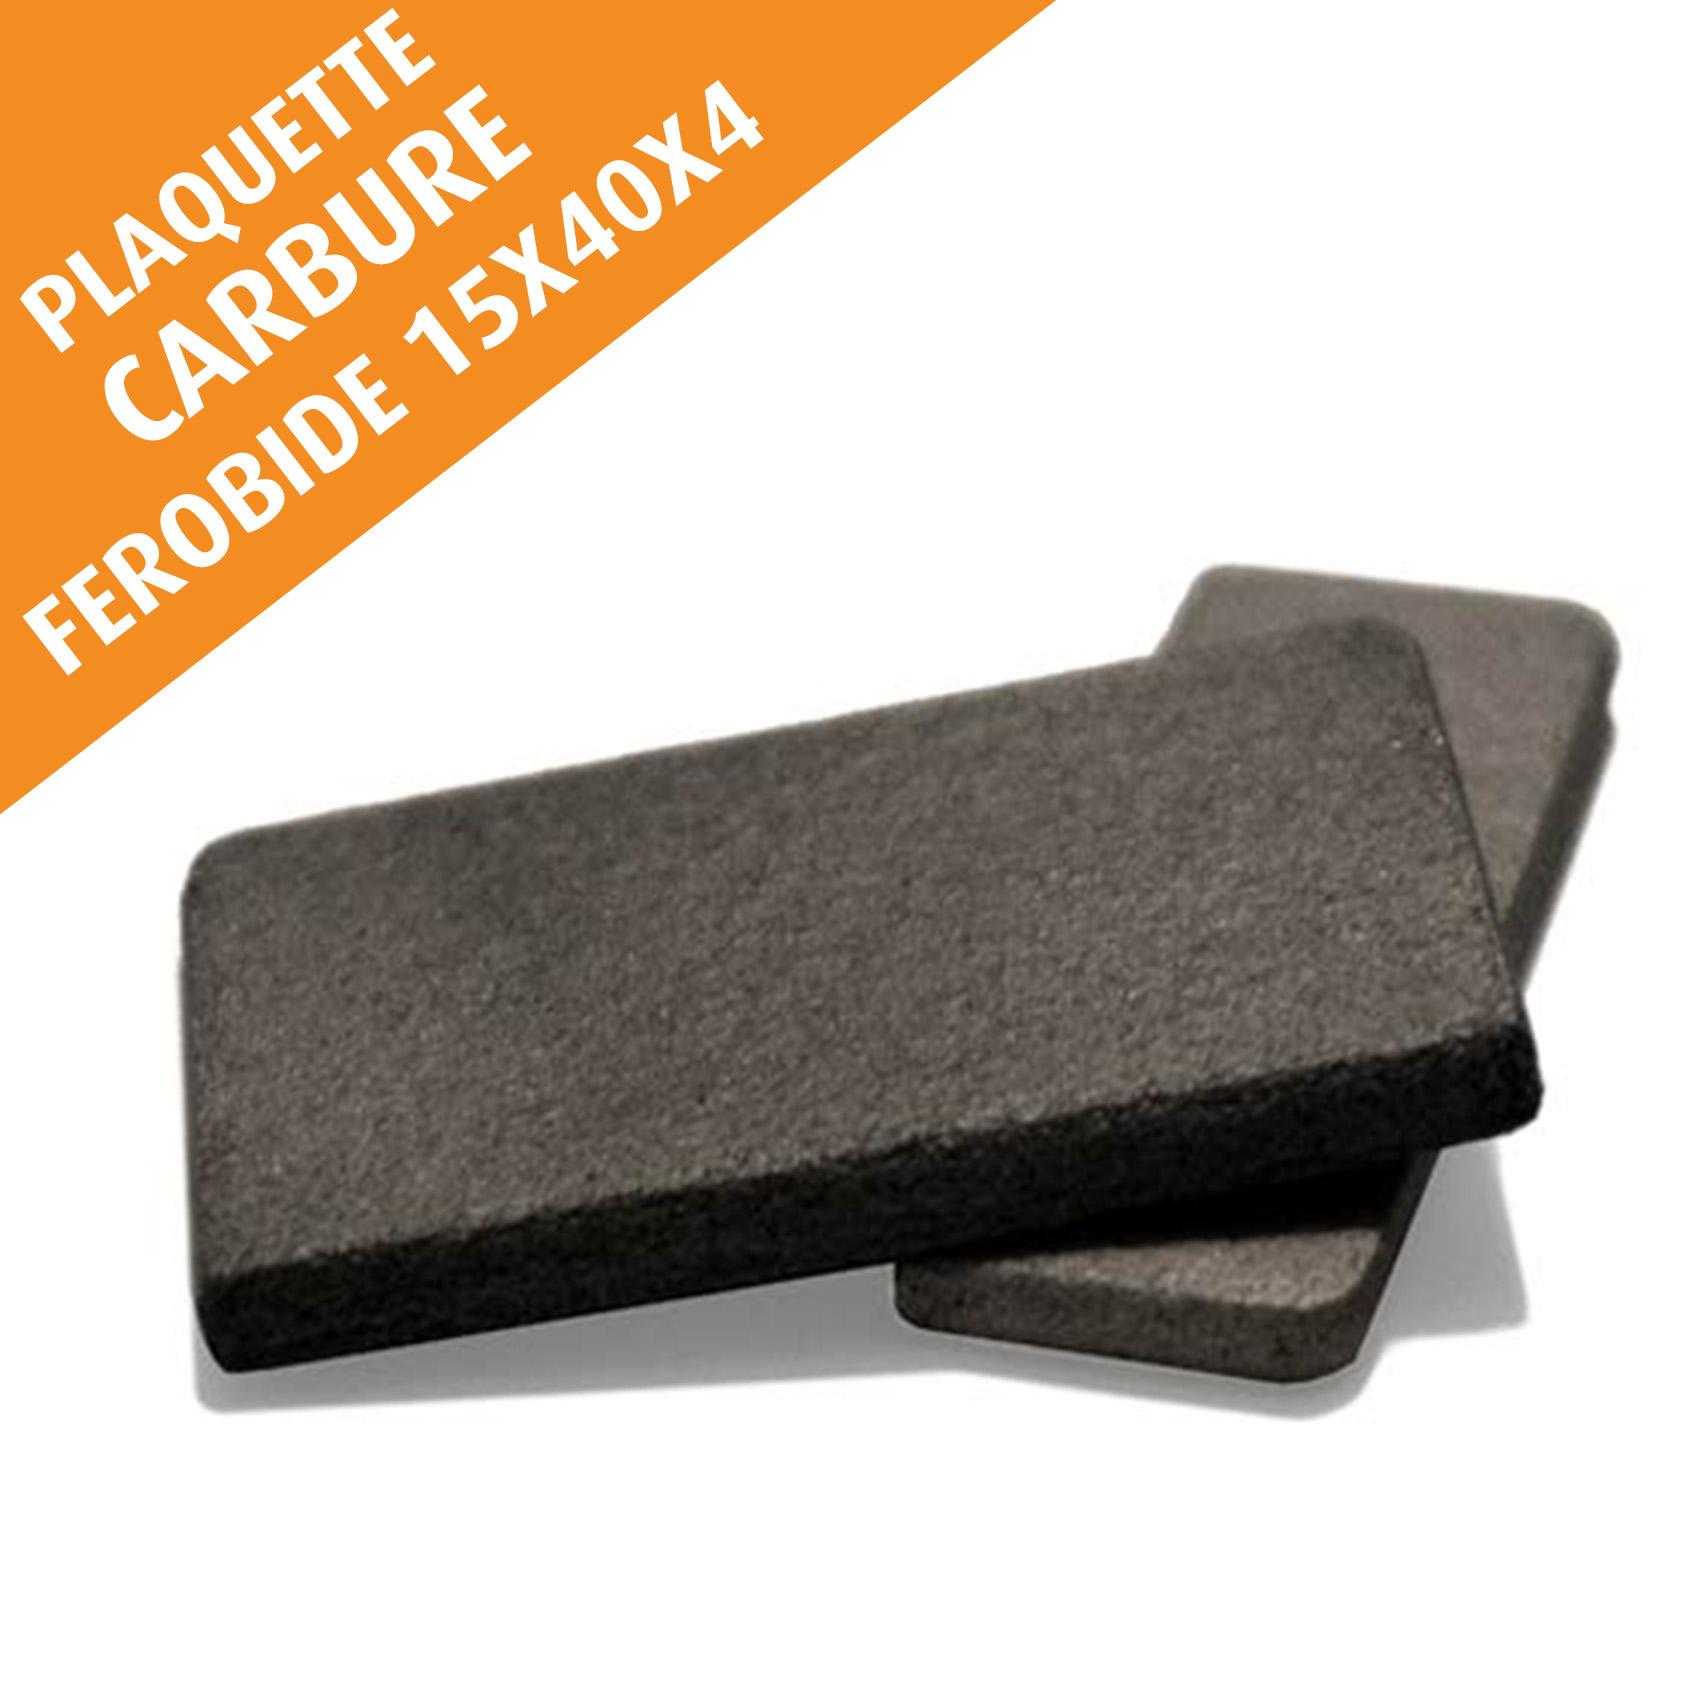 Lot de 10 plaquettes carbure FEROBIDE à souder, 15x40x4 mm